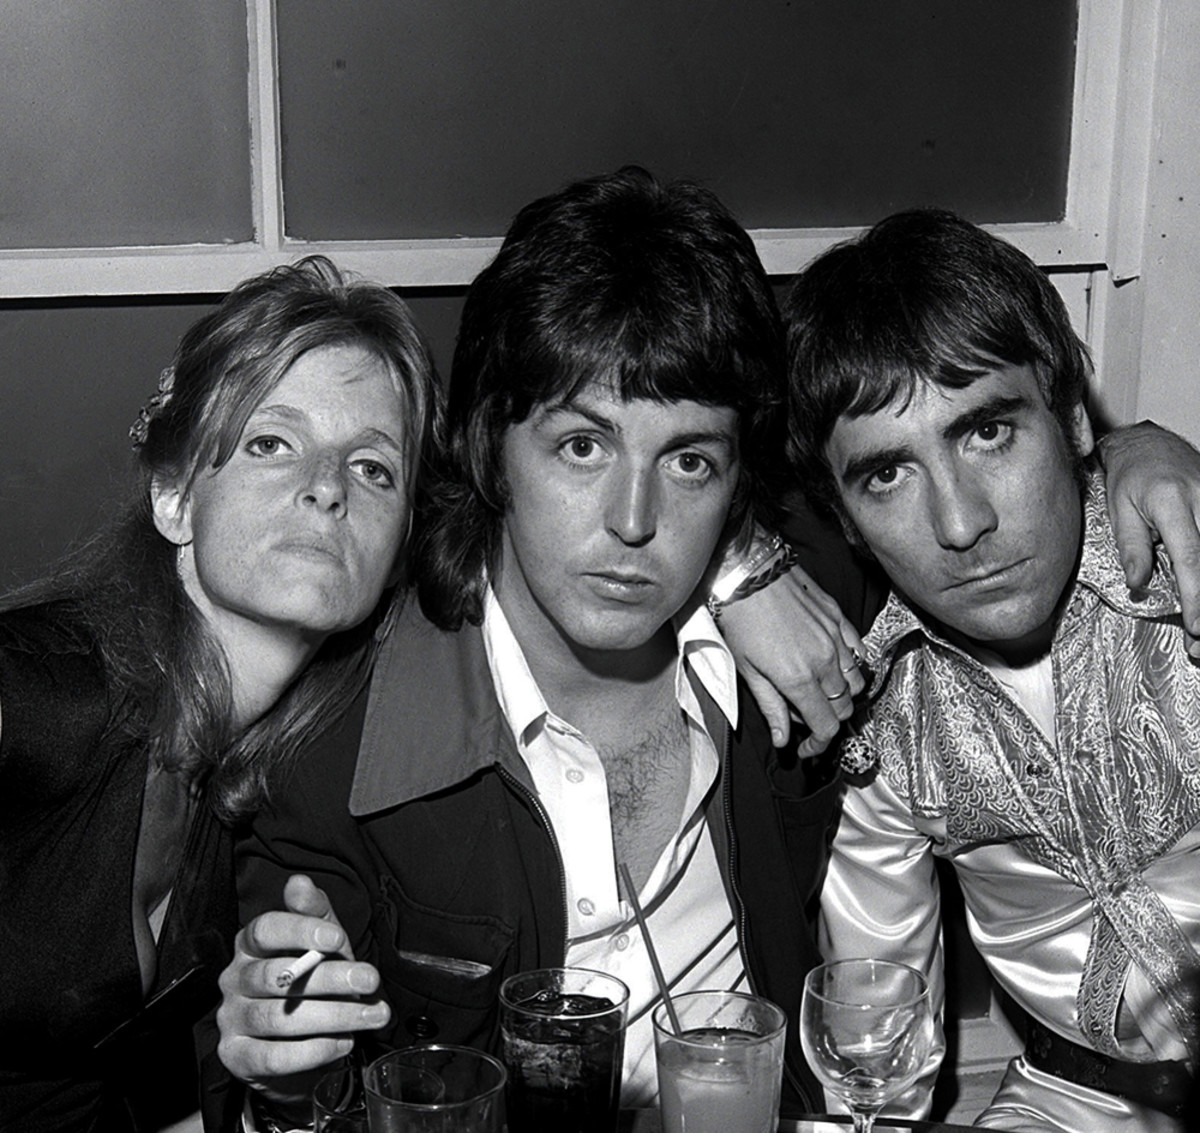 Keith, Paul and Linda